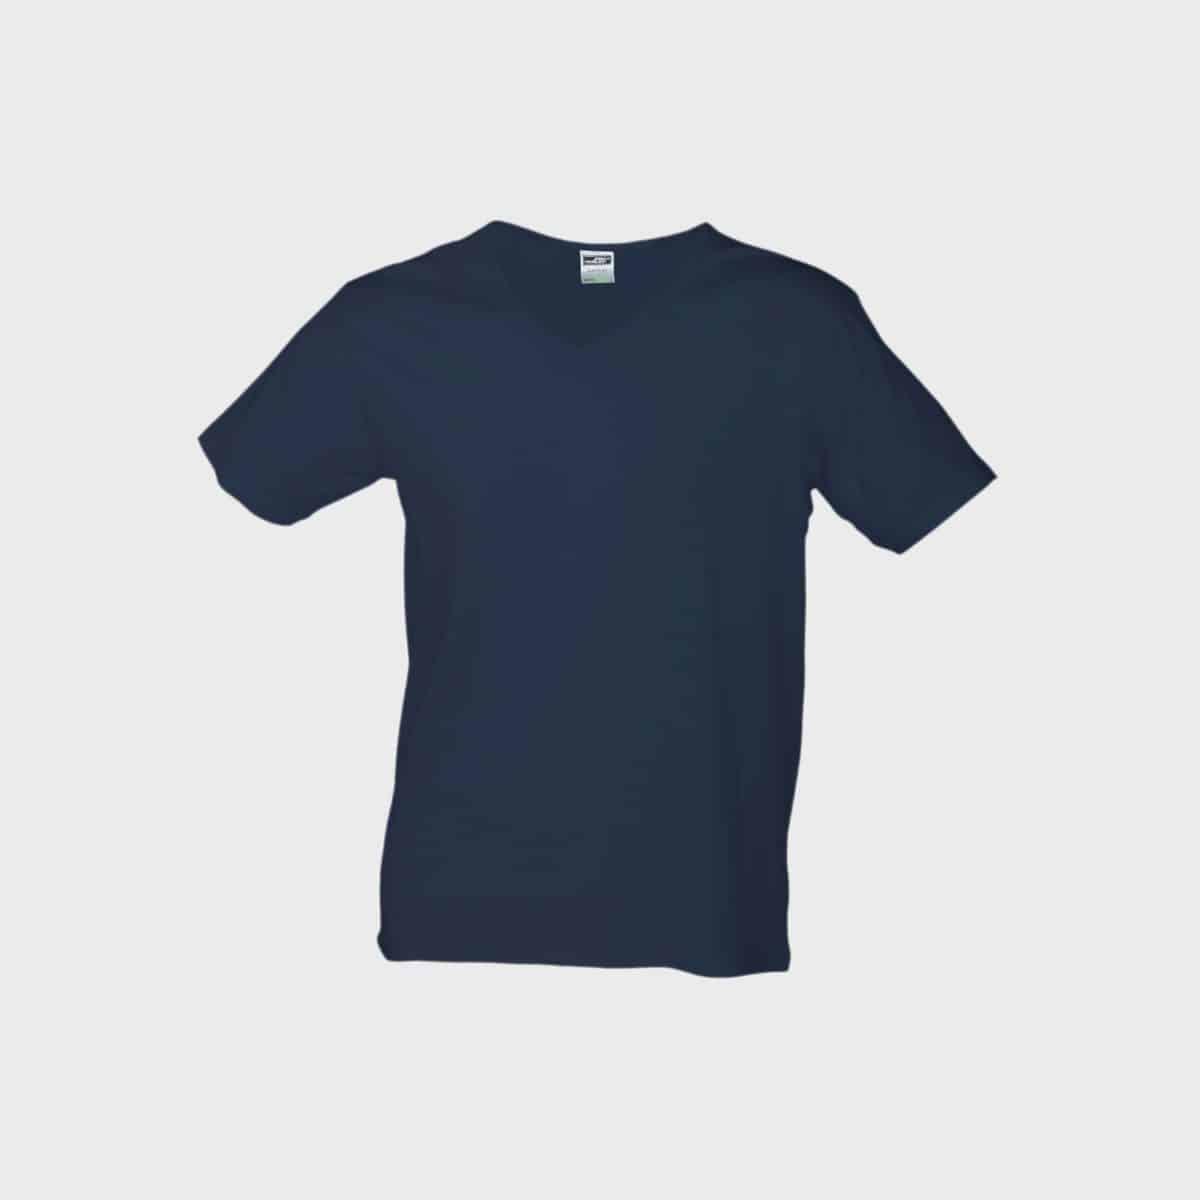 slim-fit-cotton-t-shirt-herren-navy-kaufen-besticken_stickmanufaktur